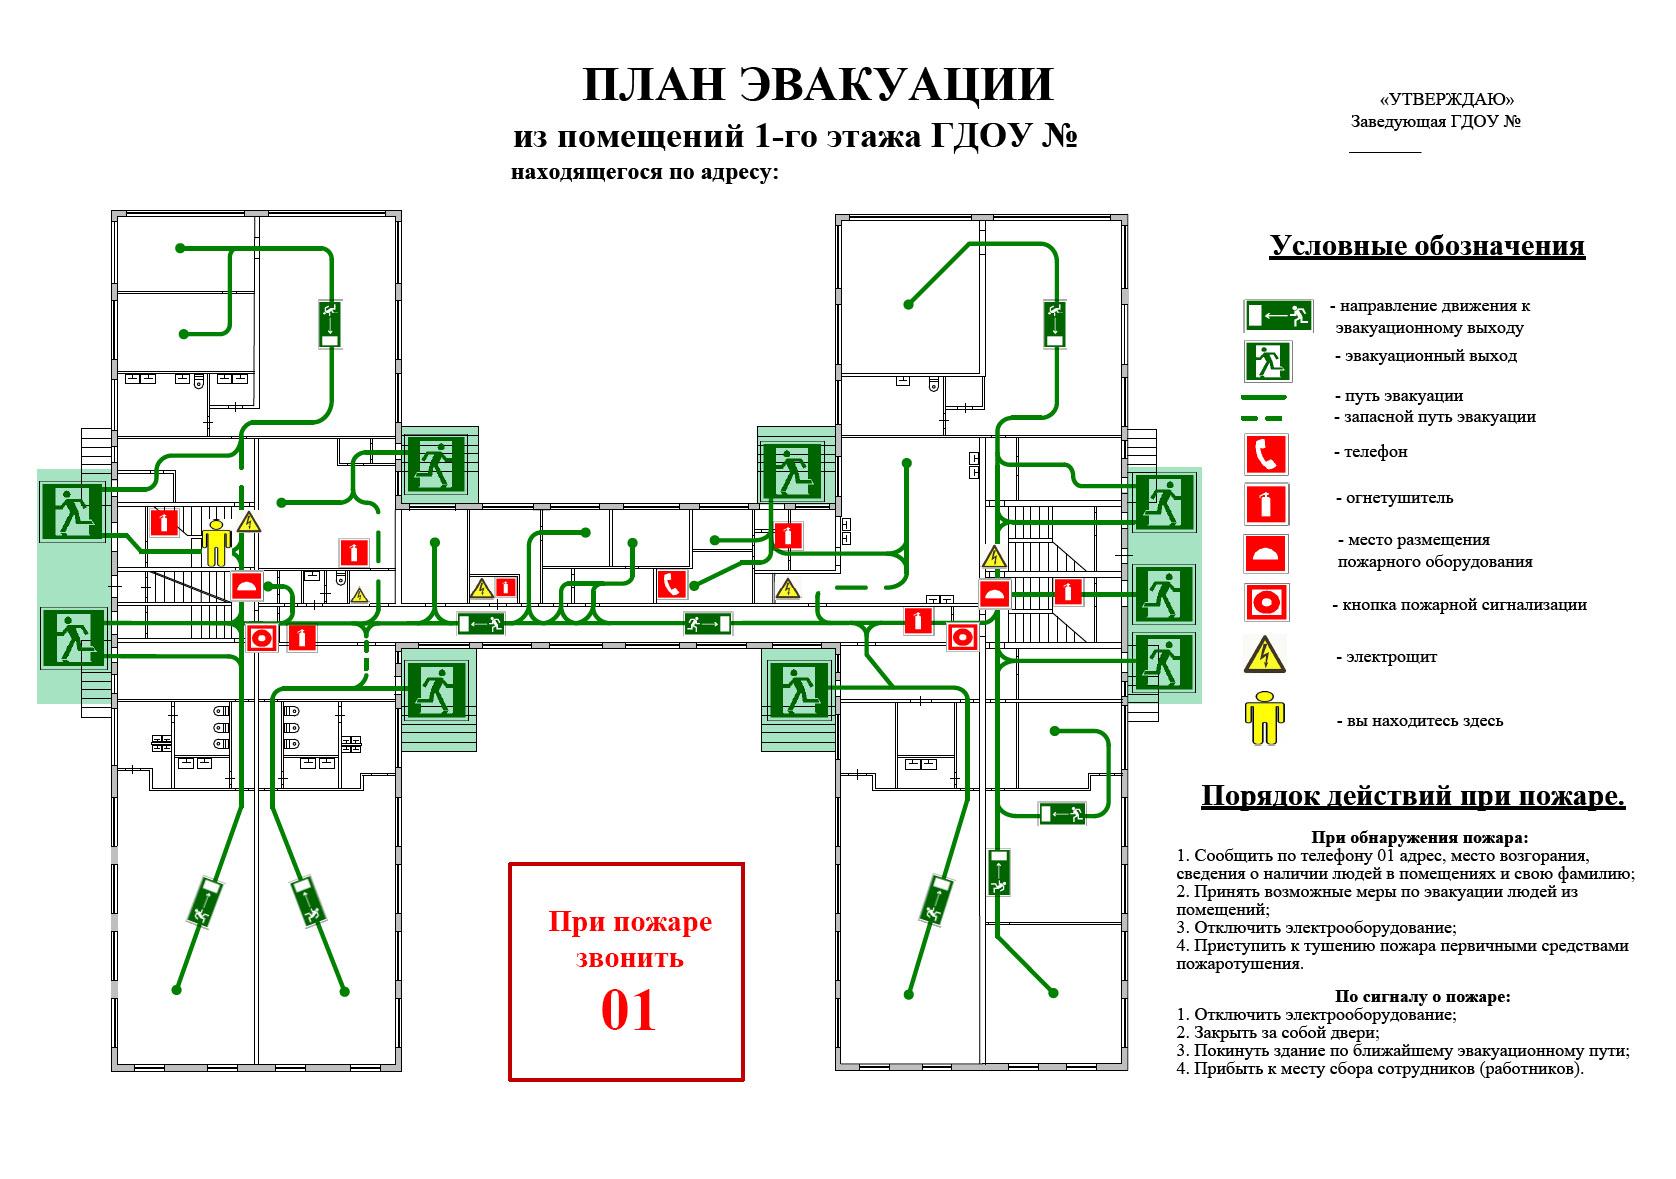 Одним из обязательных документов по пожарной безопасности в школах является план эвакуации.